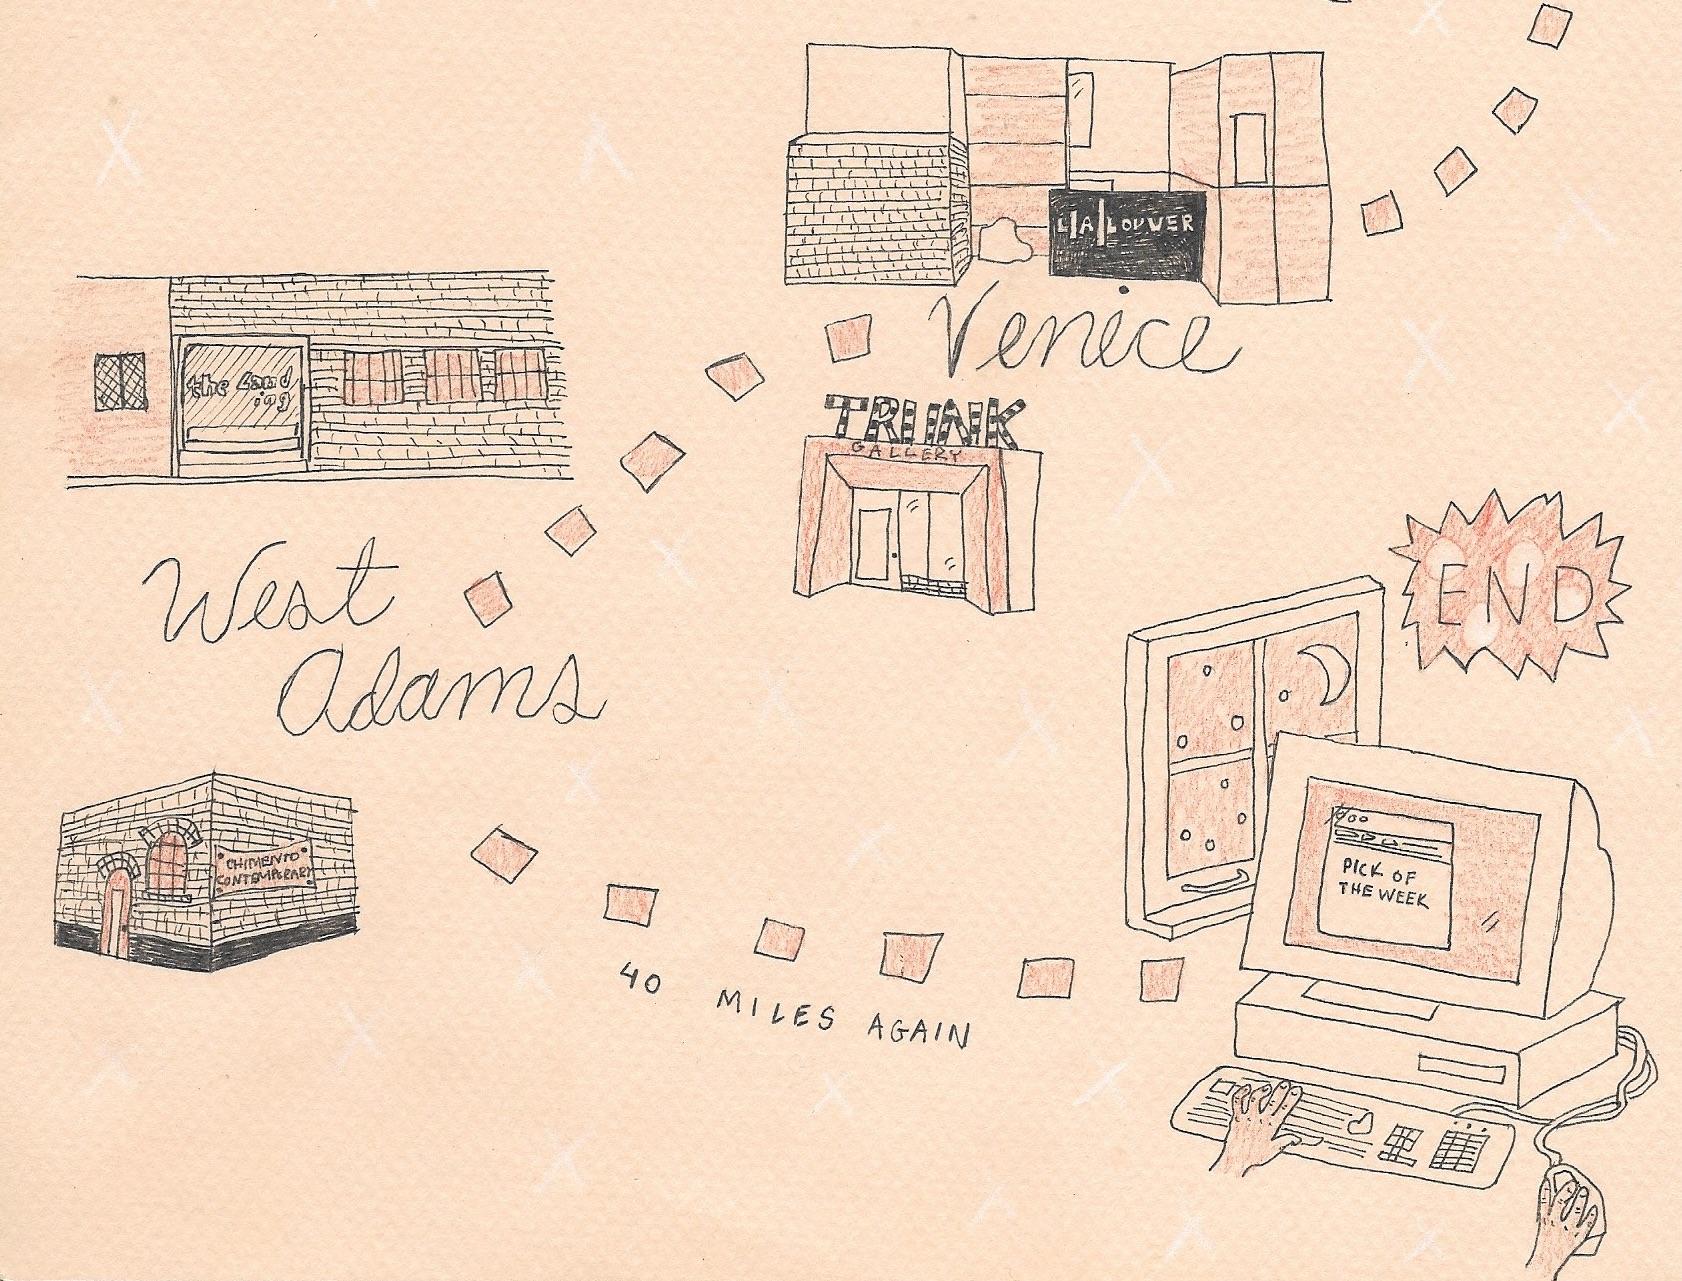 Illustration by Frances Cocksedge.